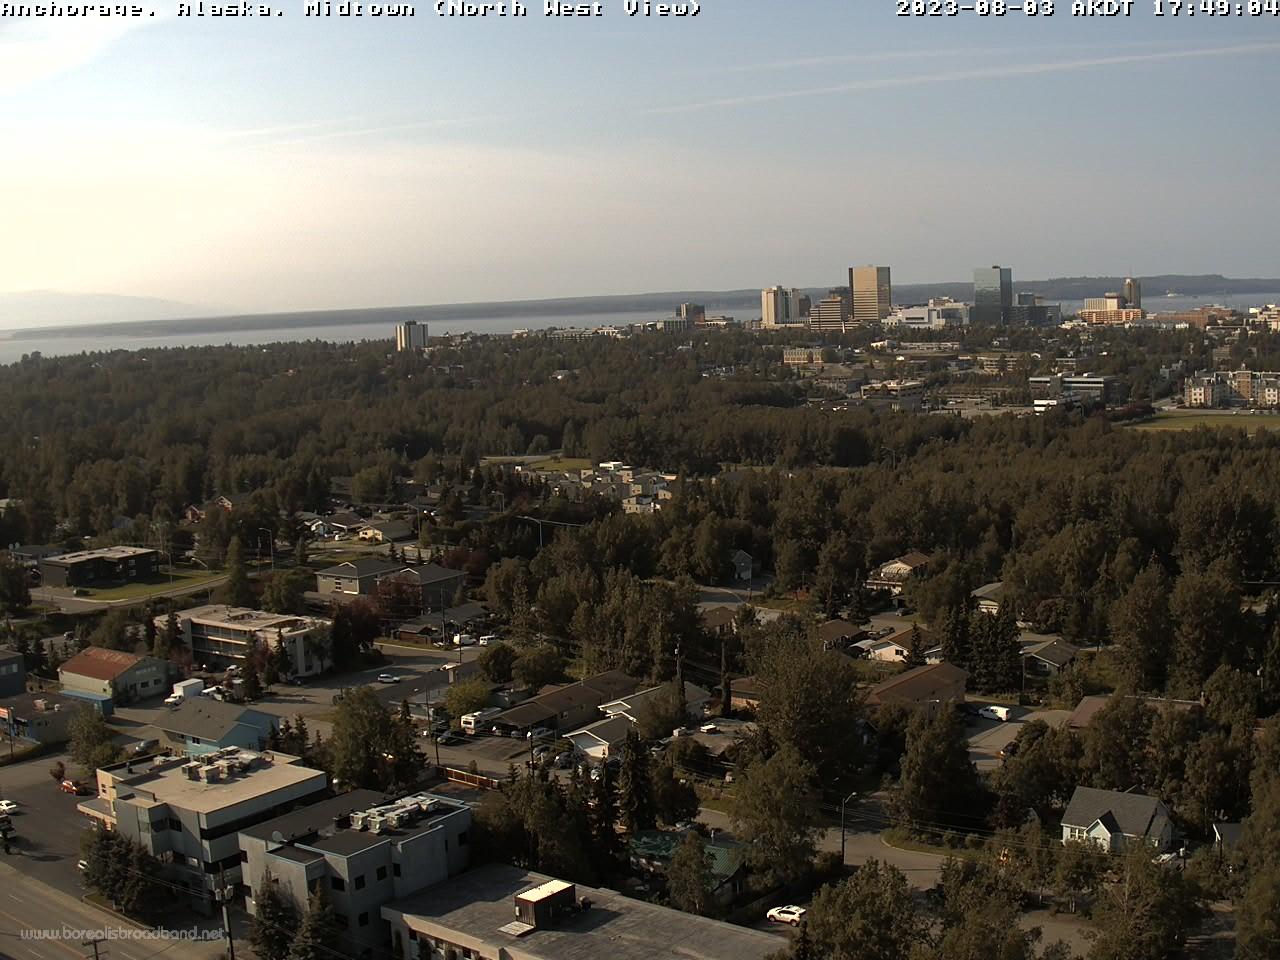 Anchorage, Alaska Thu. 17:49